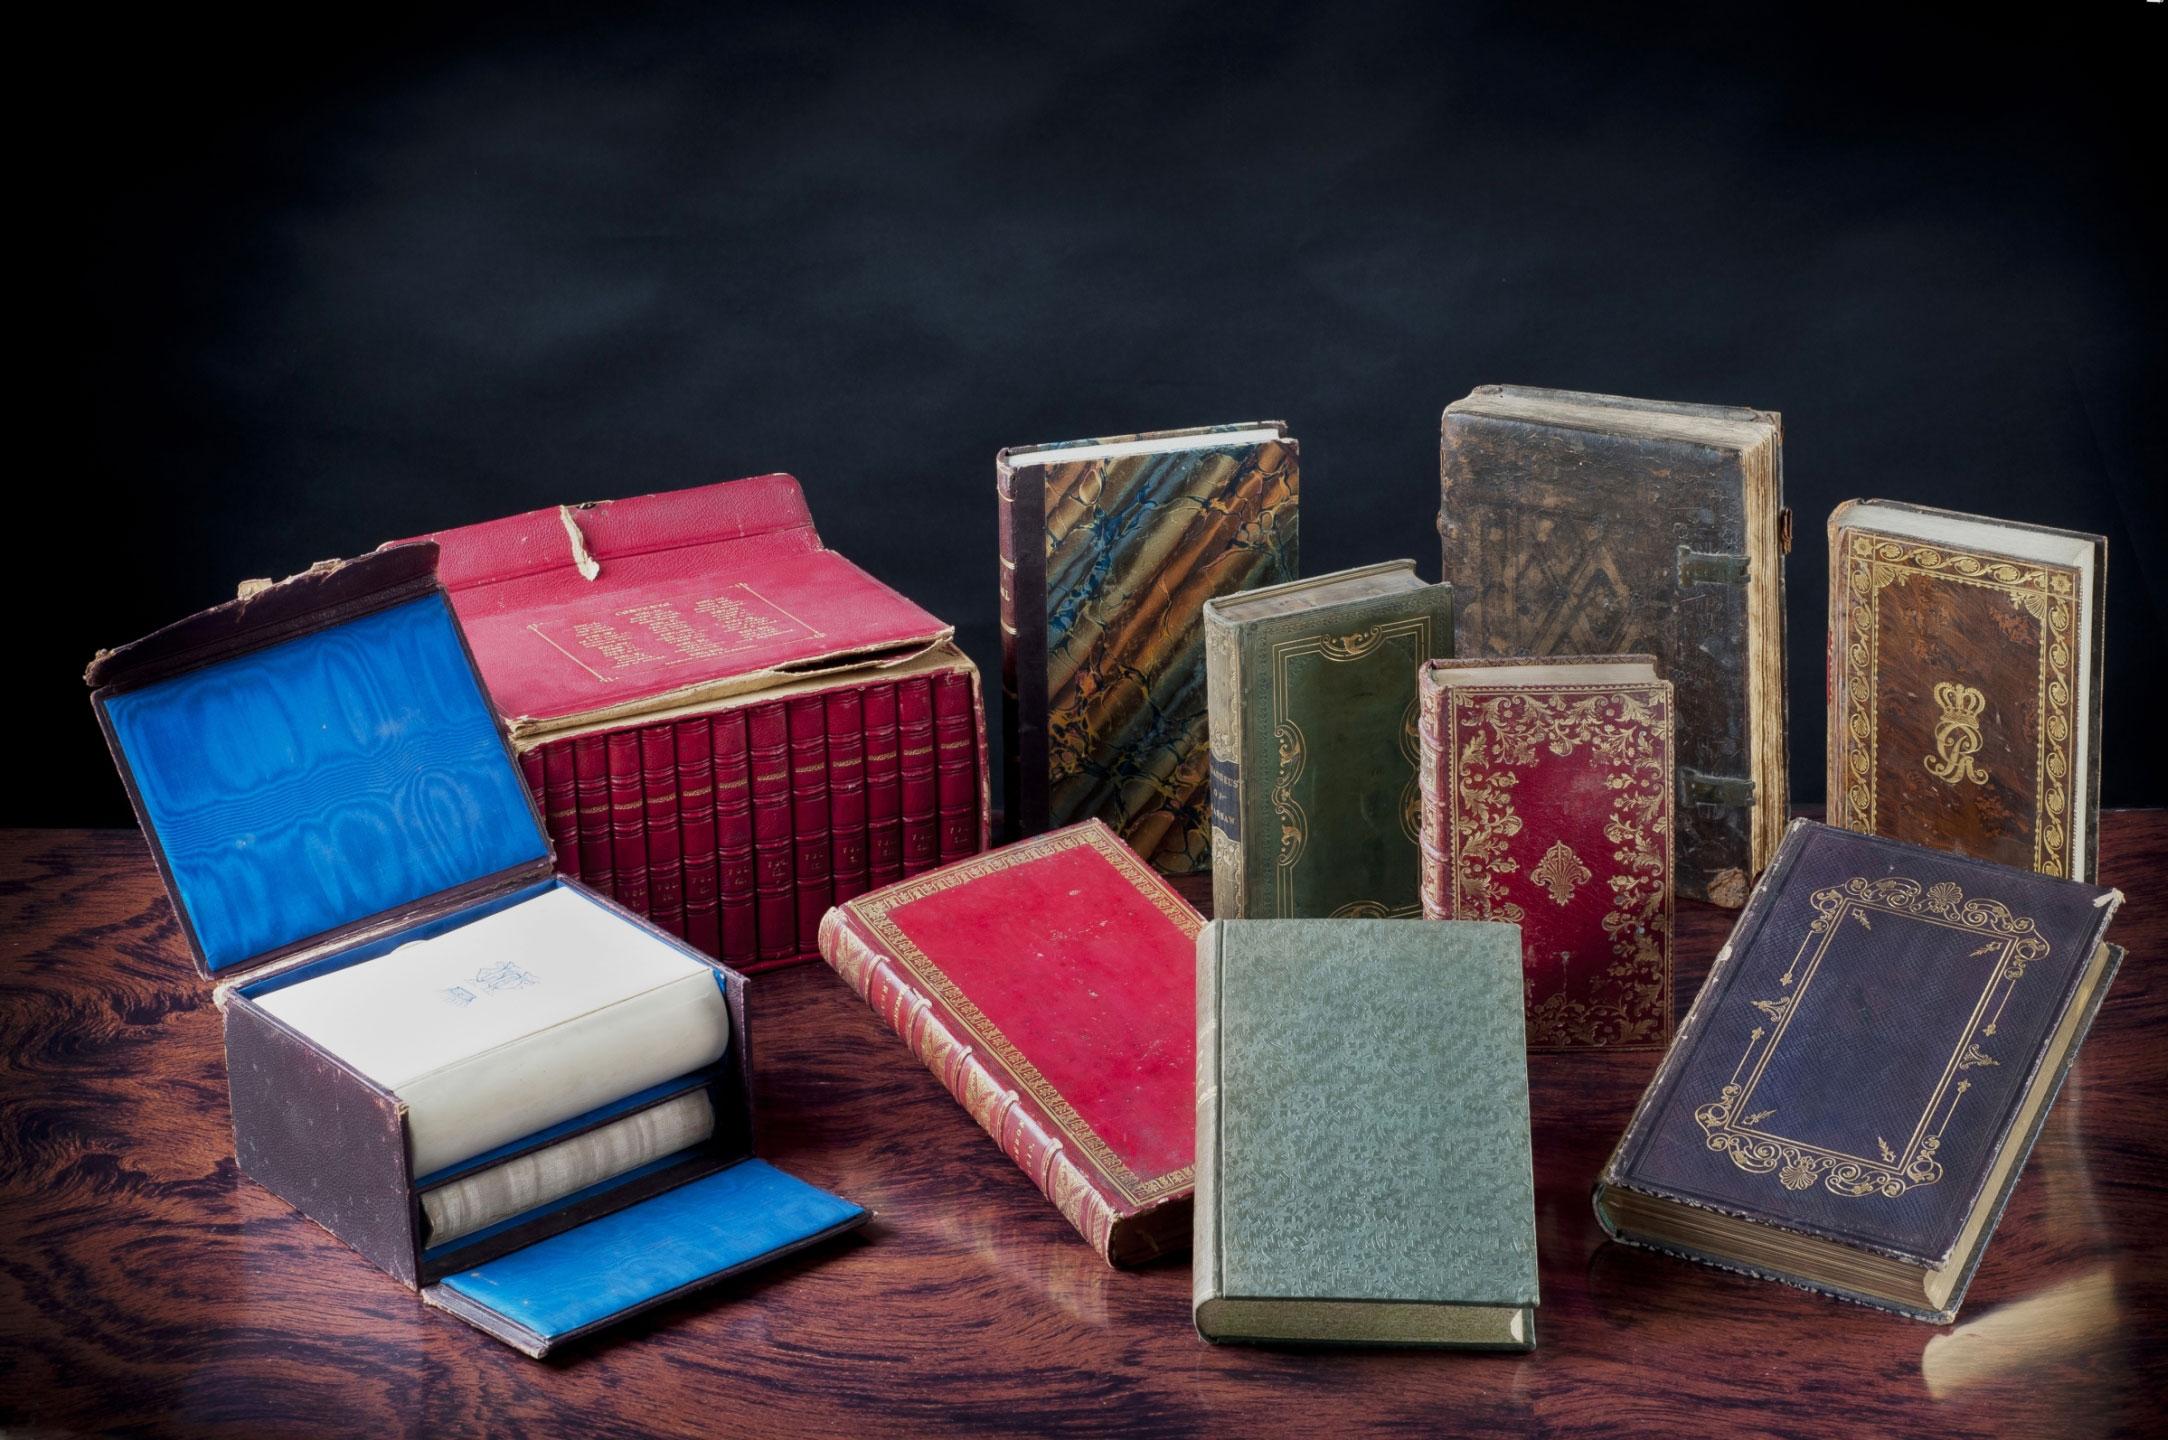 Die Leibniz Bibliothek in Hannover erwirbt eine bedeutende Büchersammlung: die Derneburger Bibliothek des hannoverschen Staatsministers Ernst Friedrich Herbert Graf von Münster und seiner Ehefrau Wilhelmine Charlotte, geb. Gräfin zu Schaumburg-Lippe.